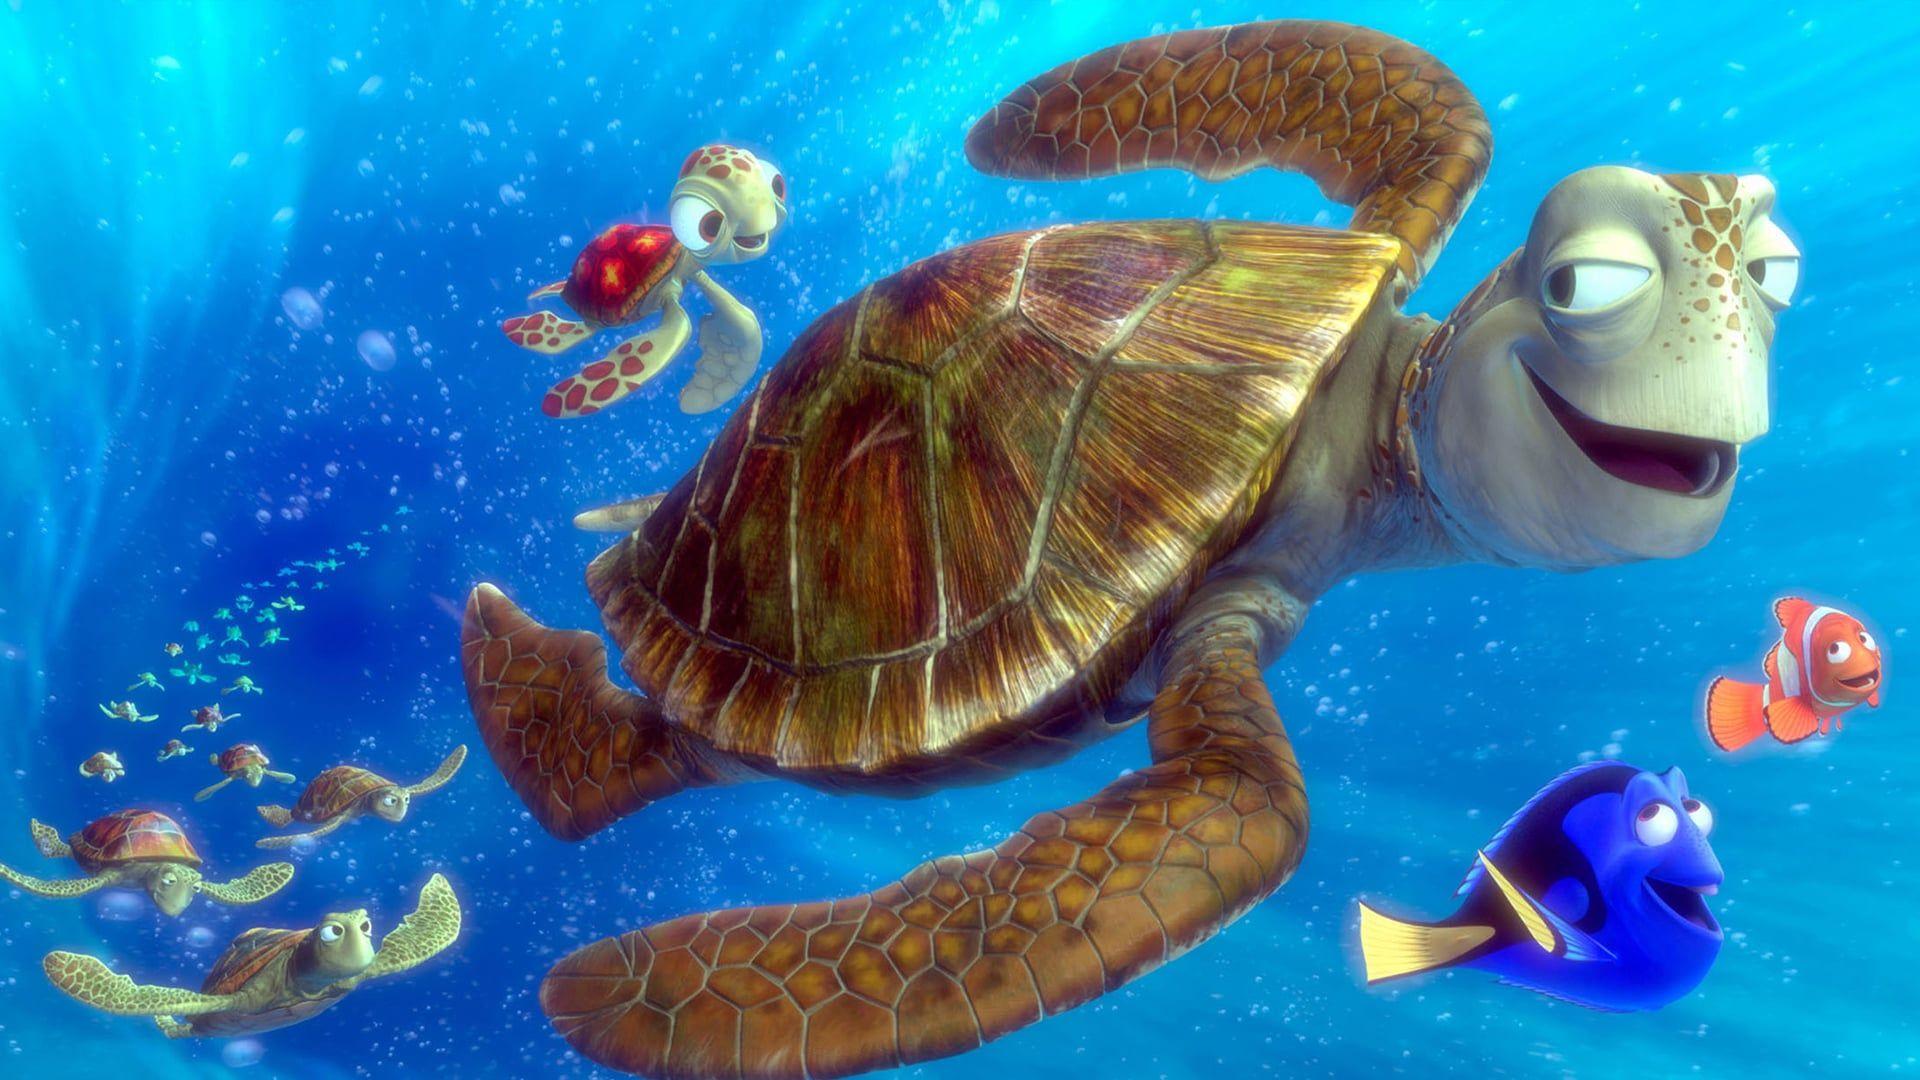 Alla Ricerca Di Nemo 2003 Streaming Ita Cb01 Film Completo Italiano Altadefinizione Una Covata Di Pesci Pagliacc Alla Ricerca Di Nemo Pesce Pagliaccio Immagini